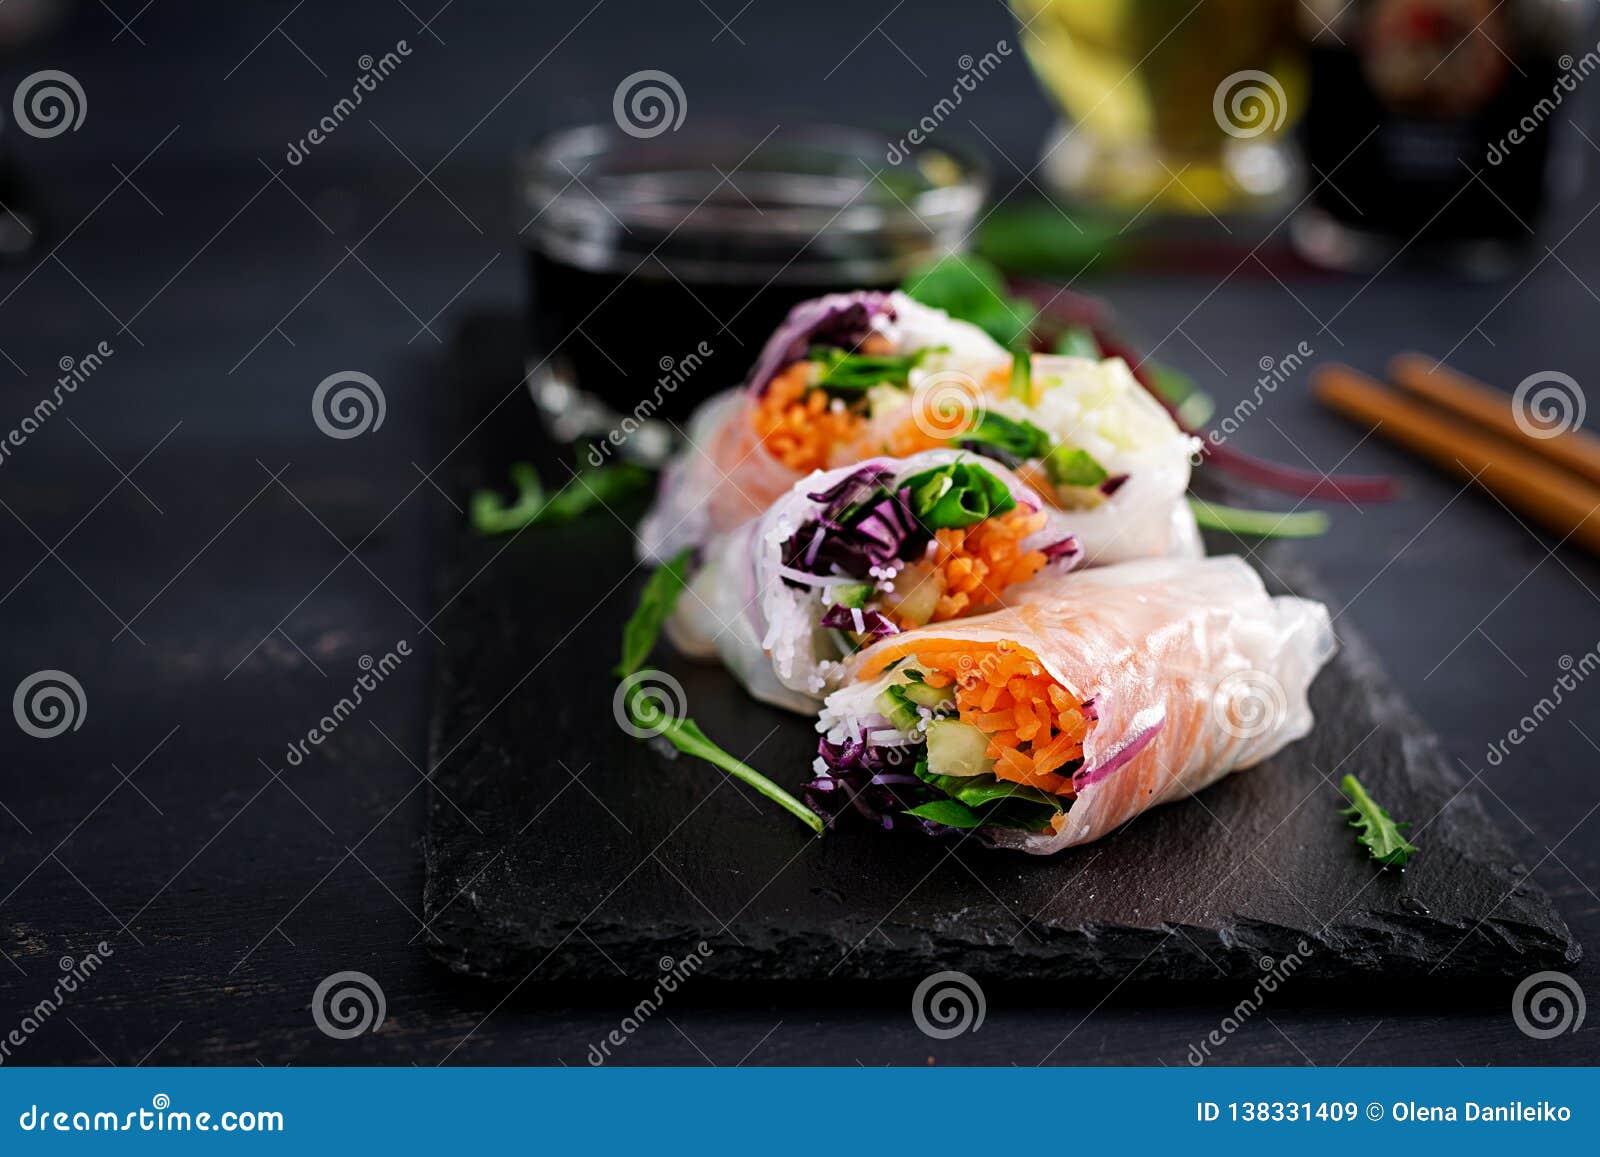 素食越南春卷用辣调味汁,红萝卜,黄瓜